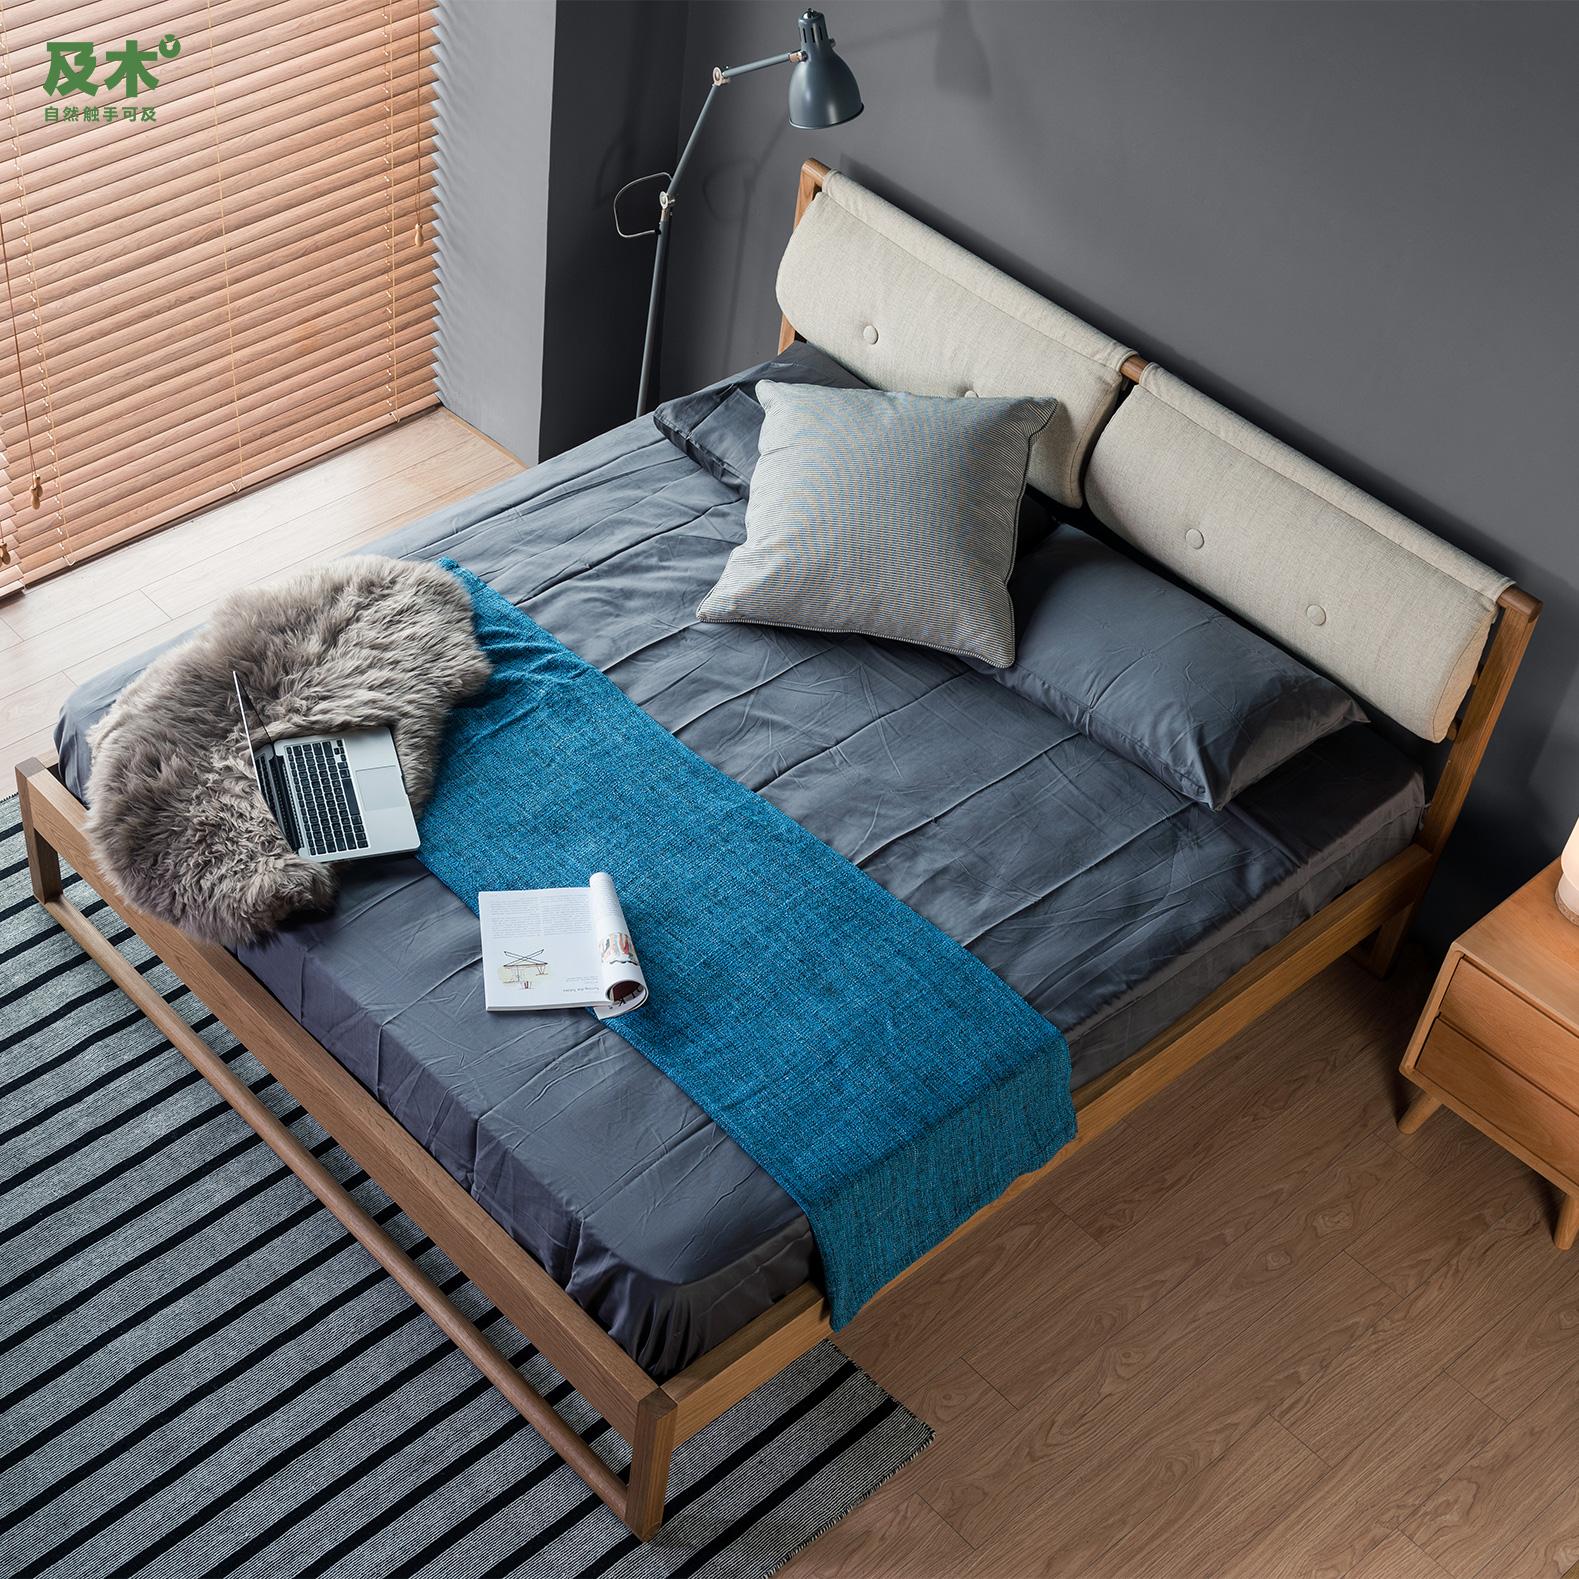 及木家具 北欧简约黑胡桃 榉木 1.5 1.8米 全实木双人床CC002